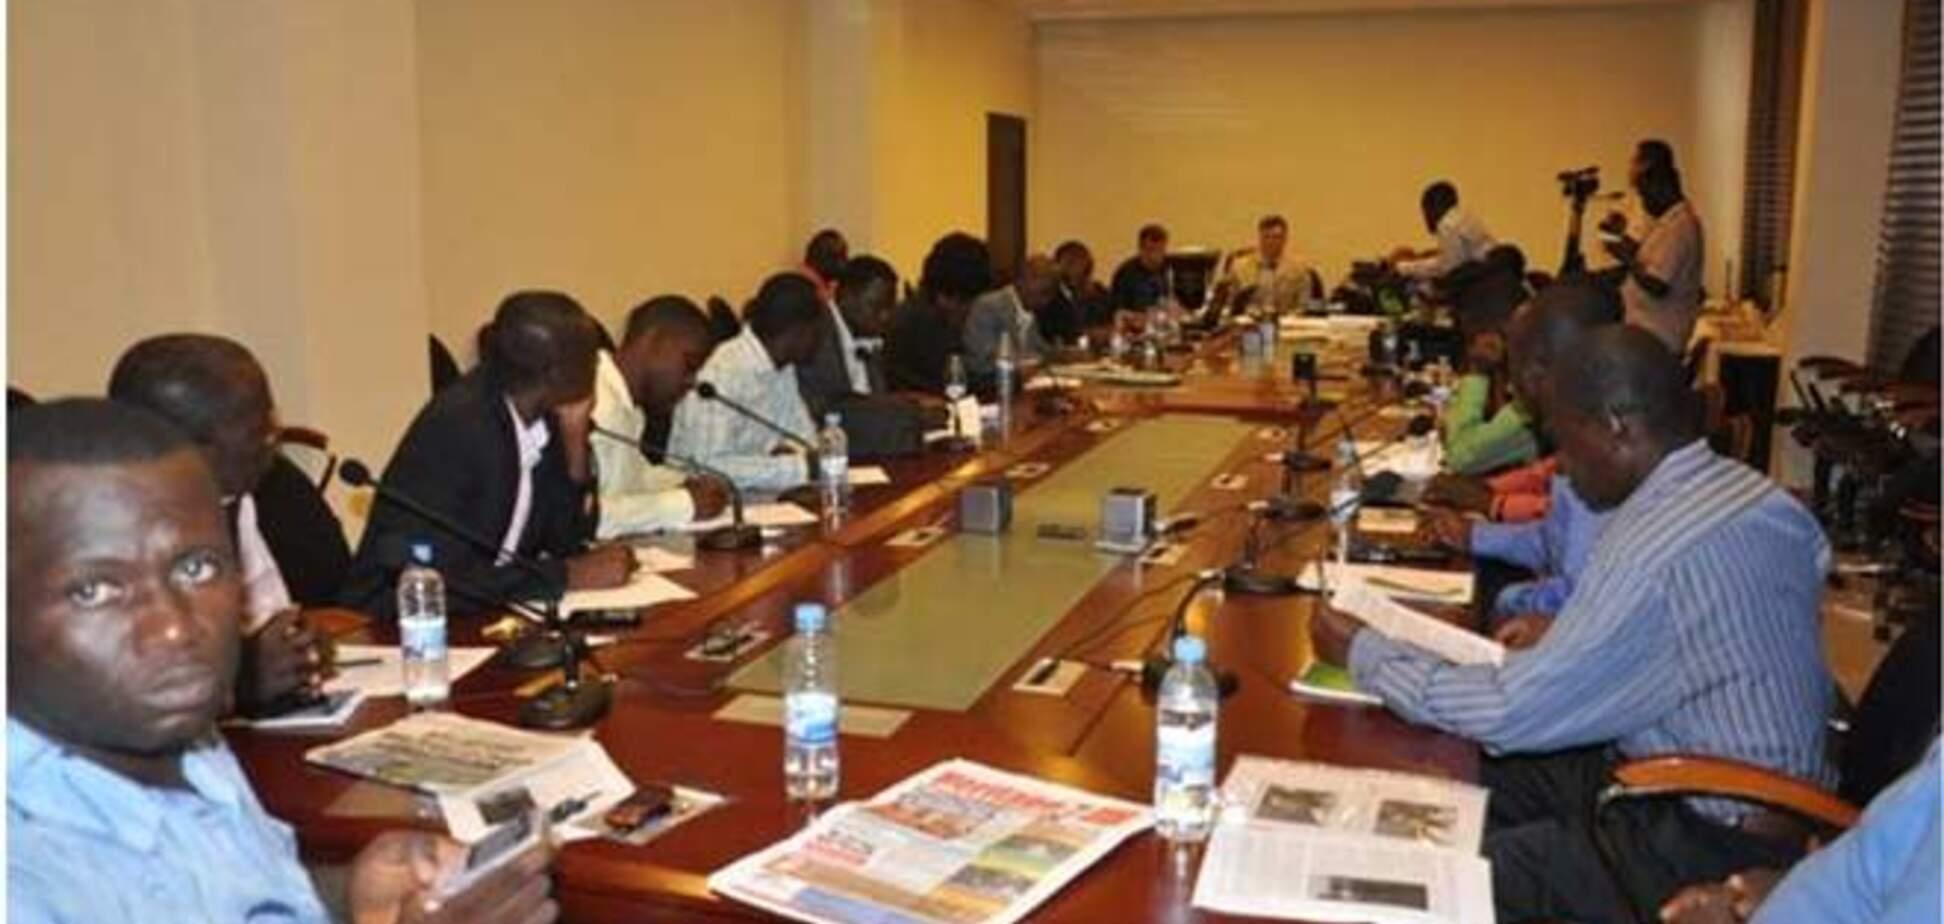 Шахрайство екс-глави Держрезерву в Ліберії коштувало інвестору 13 млн дол